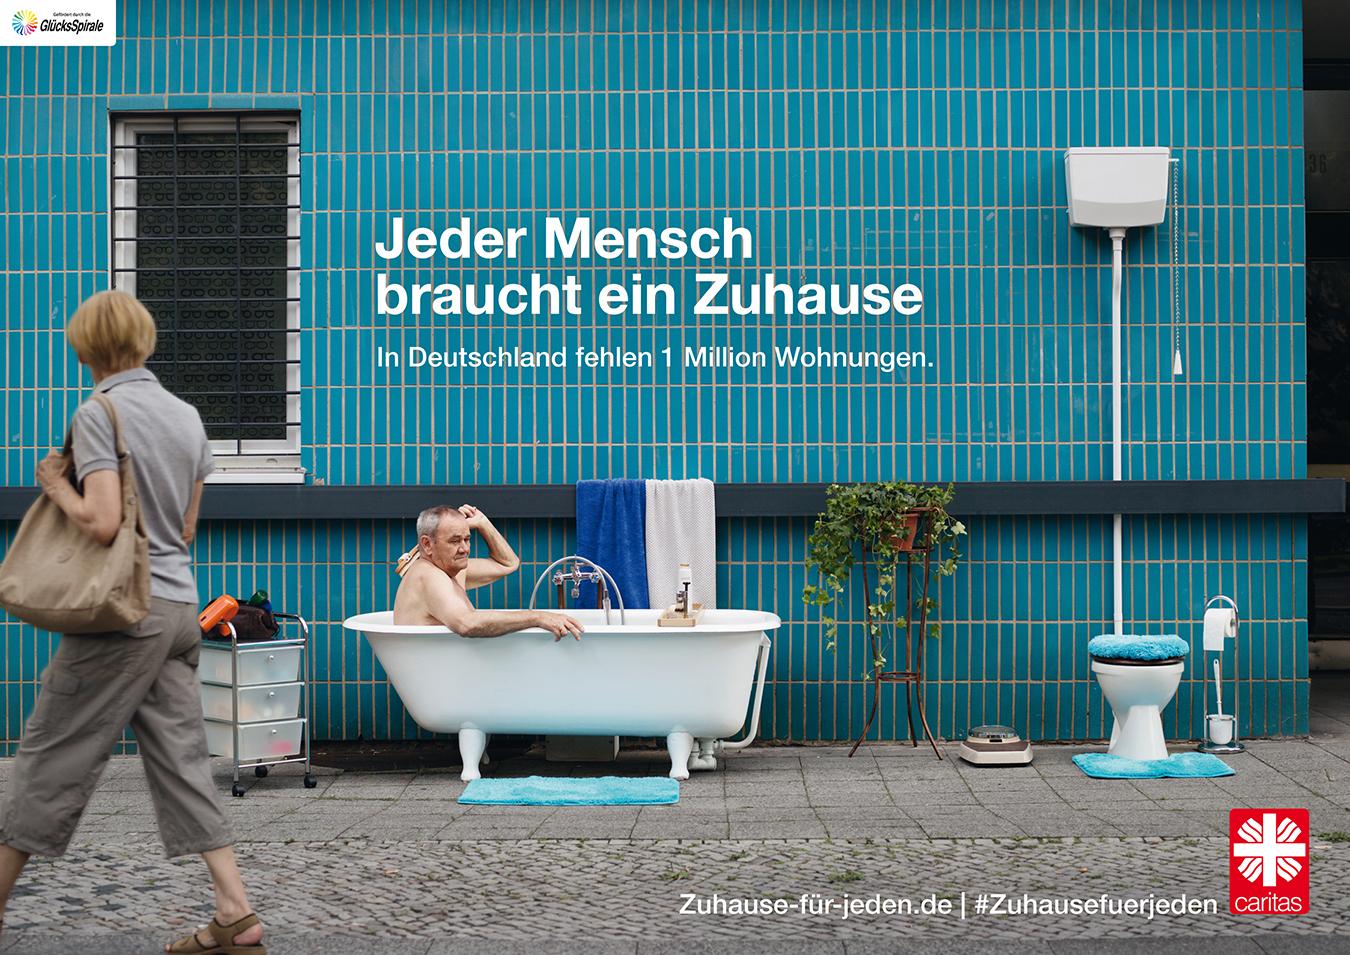 Älterer Mann sitzt in Badewanne im Freien